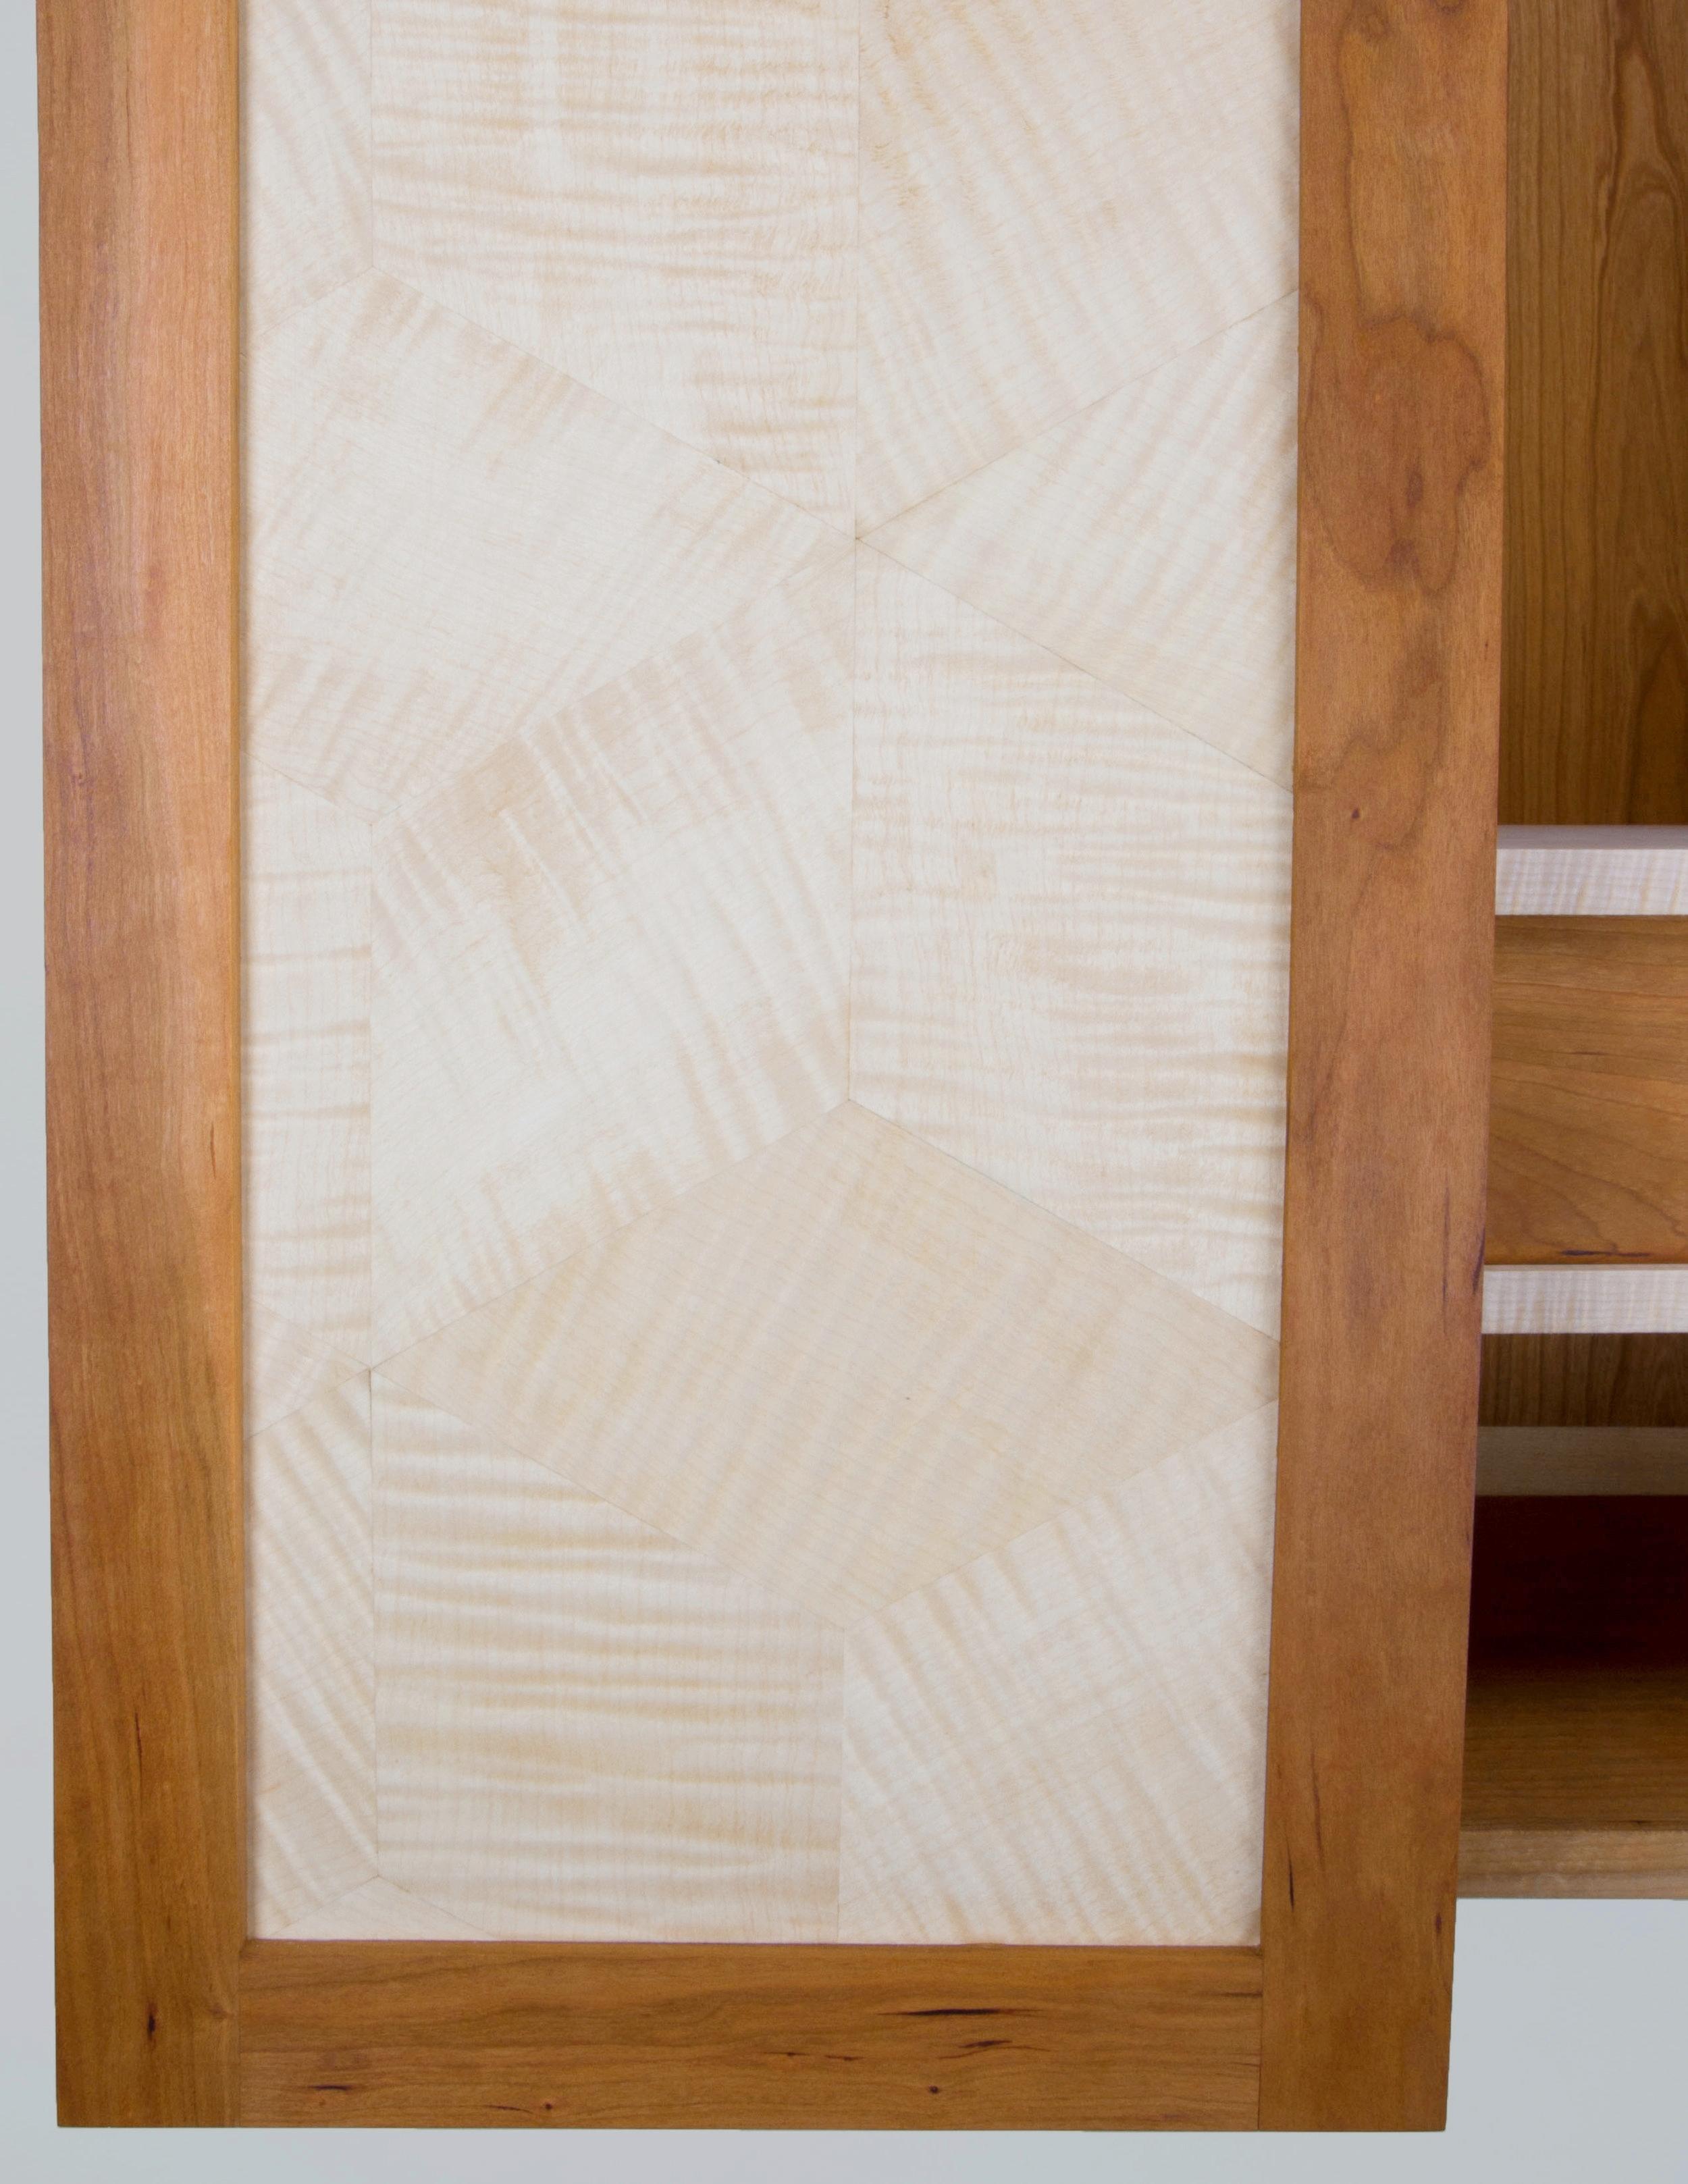 cabinetdoordetail.jpg